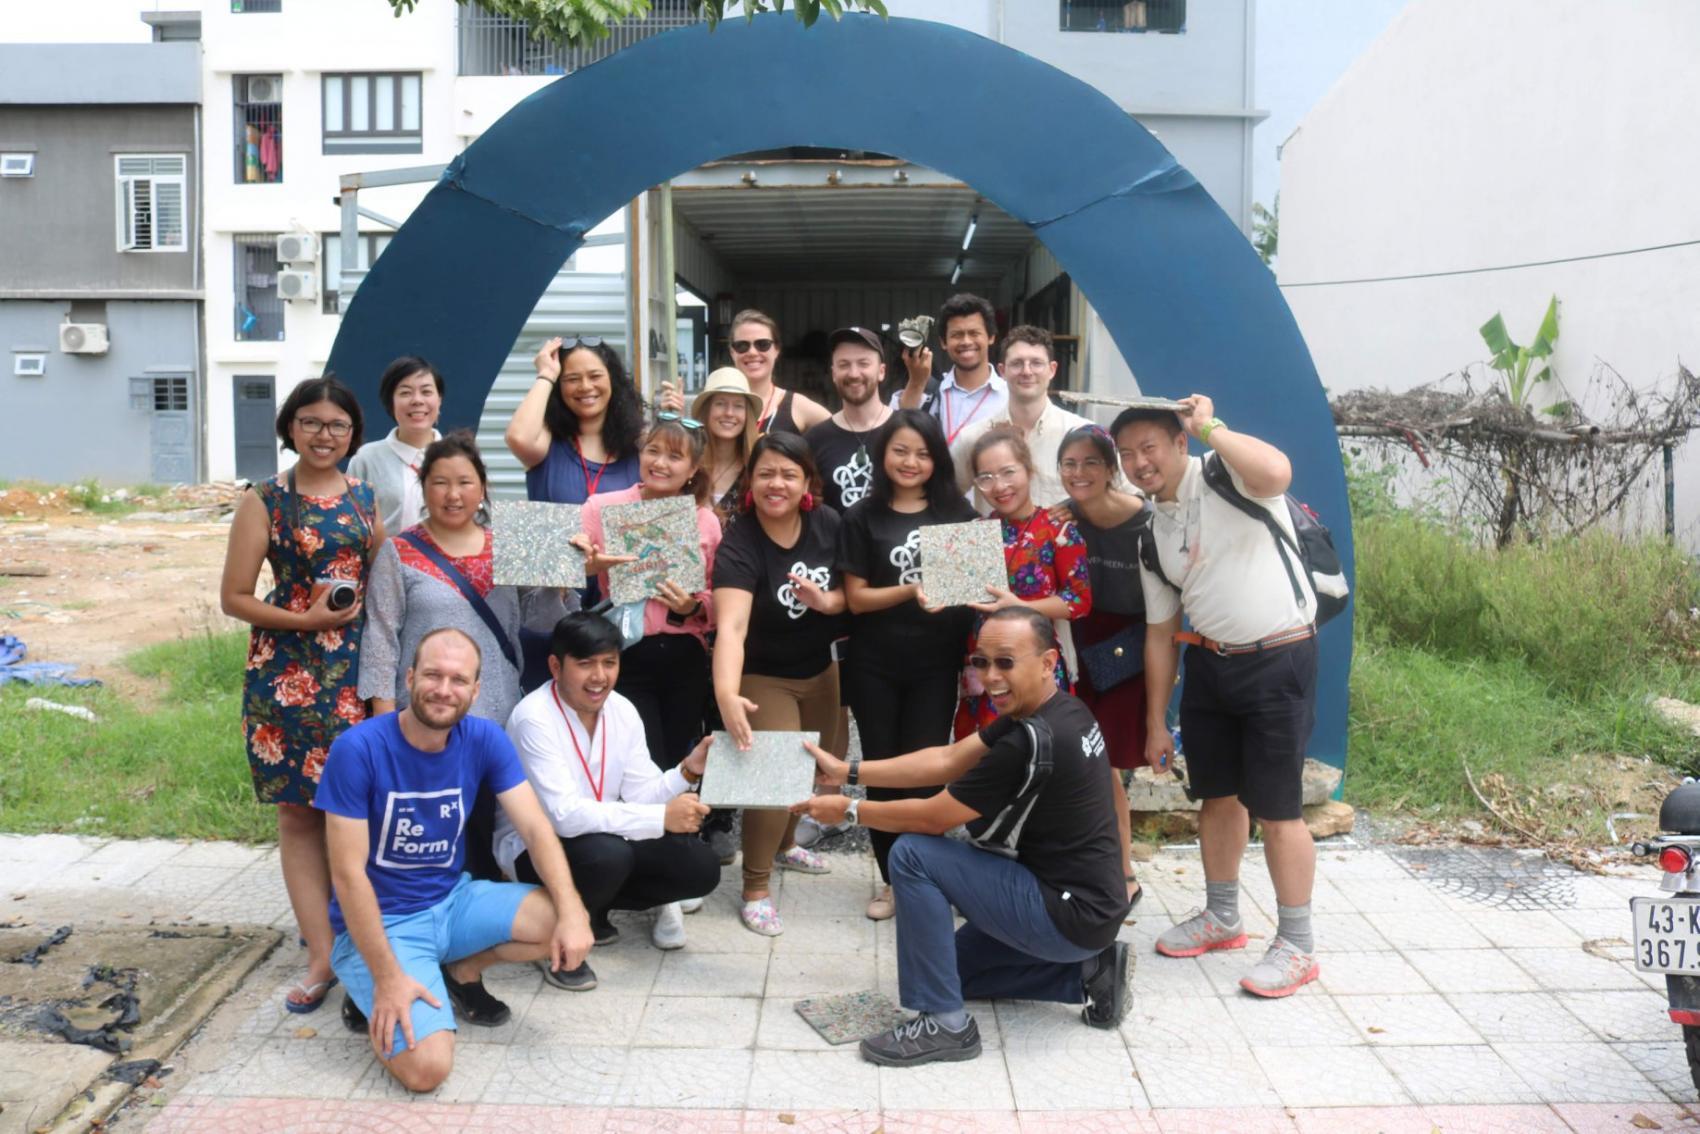 Trung tâm đầu tiên được tài trợ bởi Quỹ Exo là nơi chúng tôi nghiên cứu về máy móc và vật liệu. Trung tâm này cũng được sử dụng cho mục đích giáo dục cho các trường học, các doanh nghiệp xã hội và người thu gom rác.